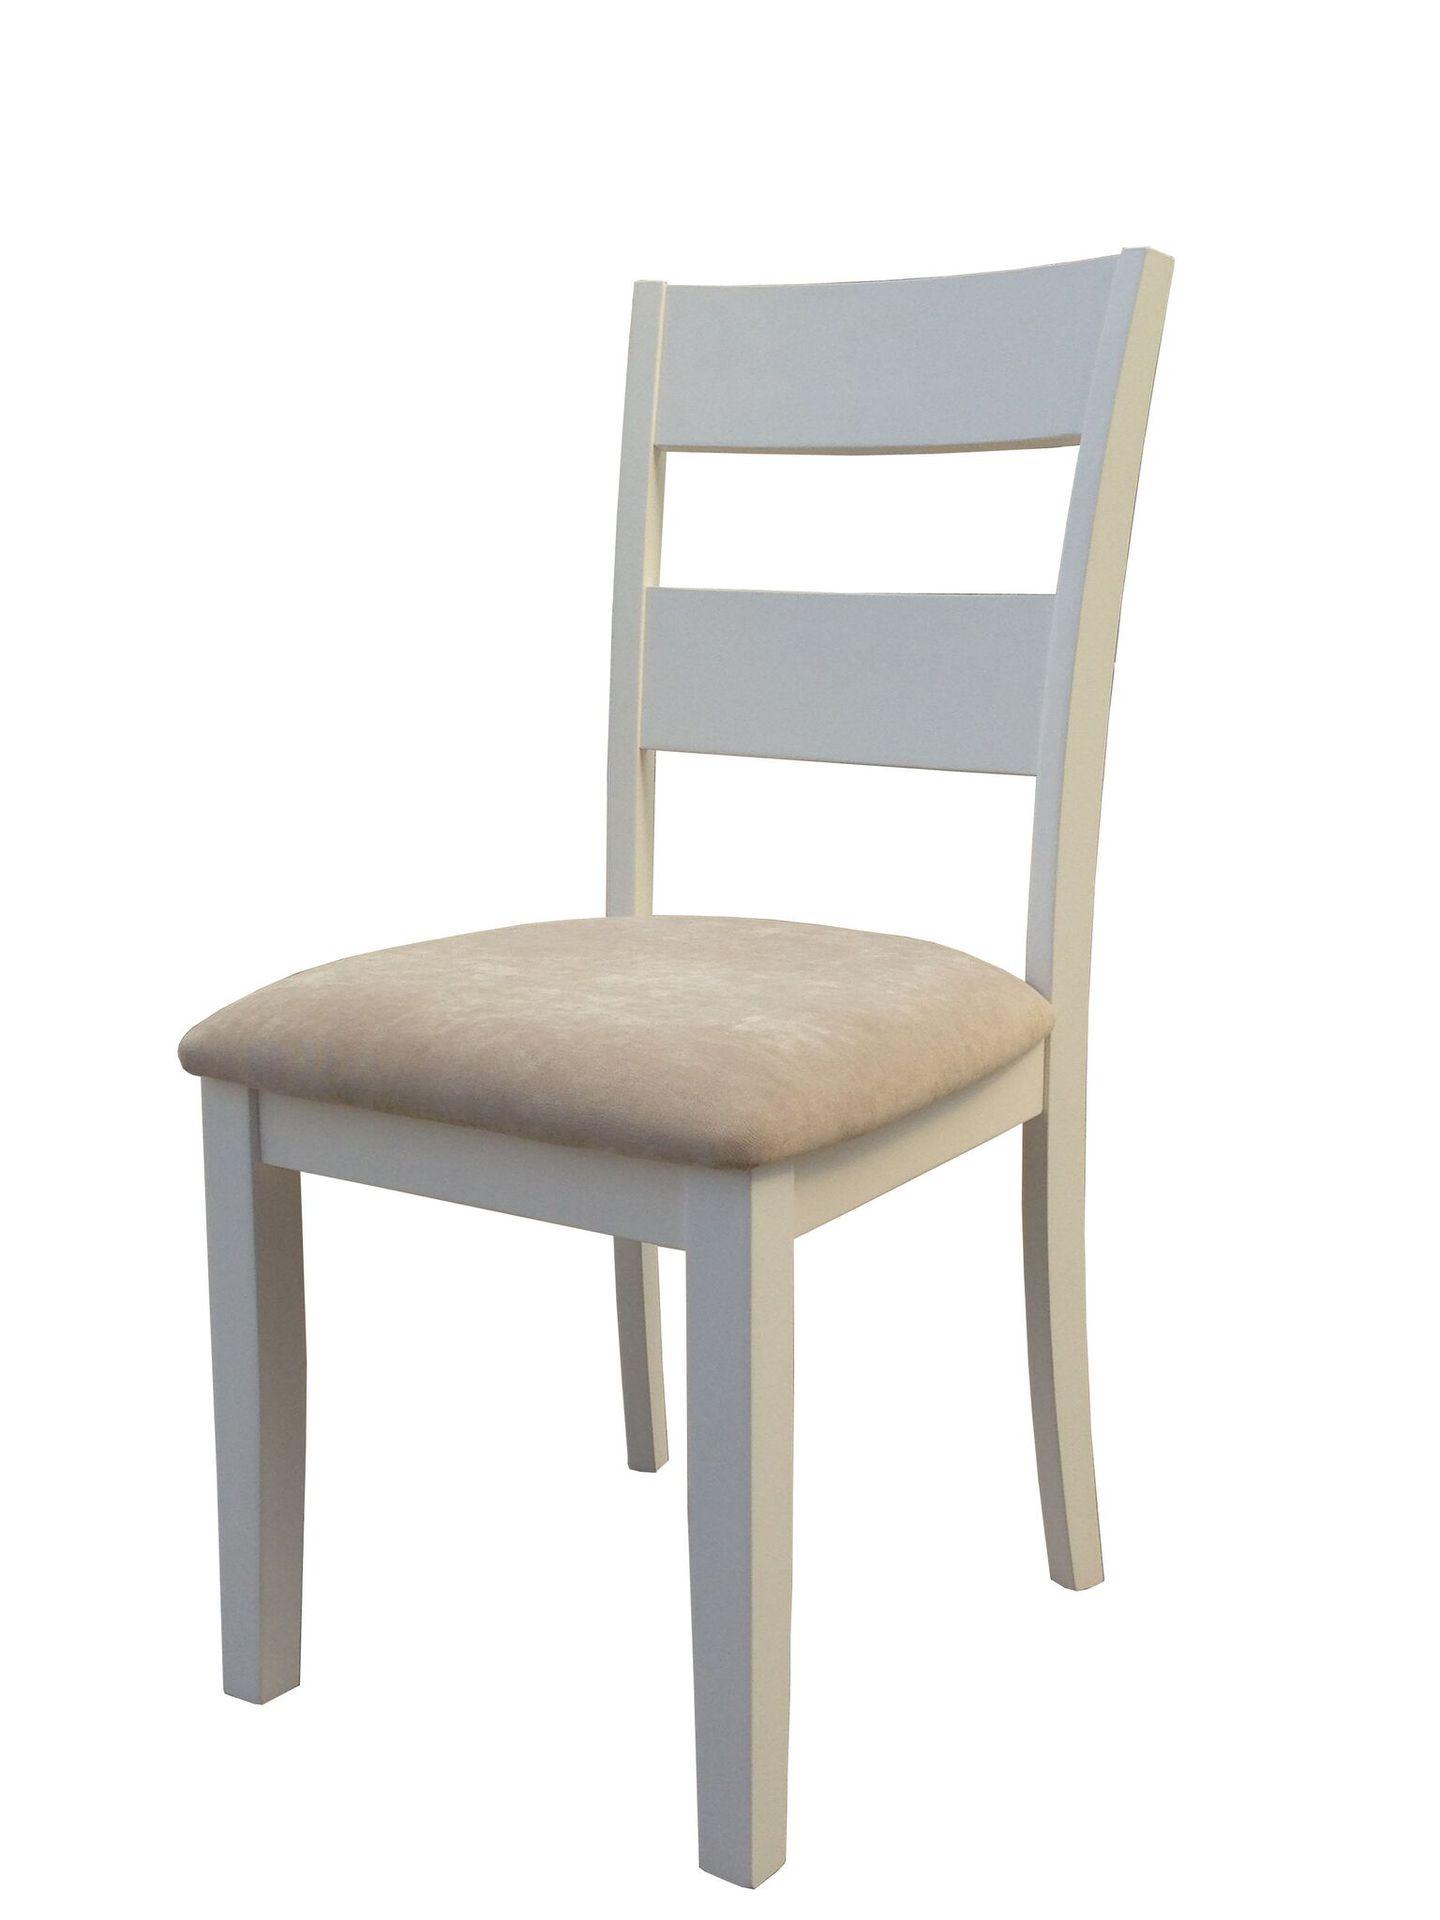 Fullerton Upholstered Chair ...